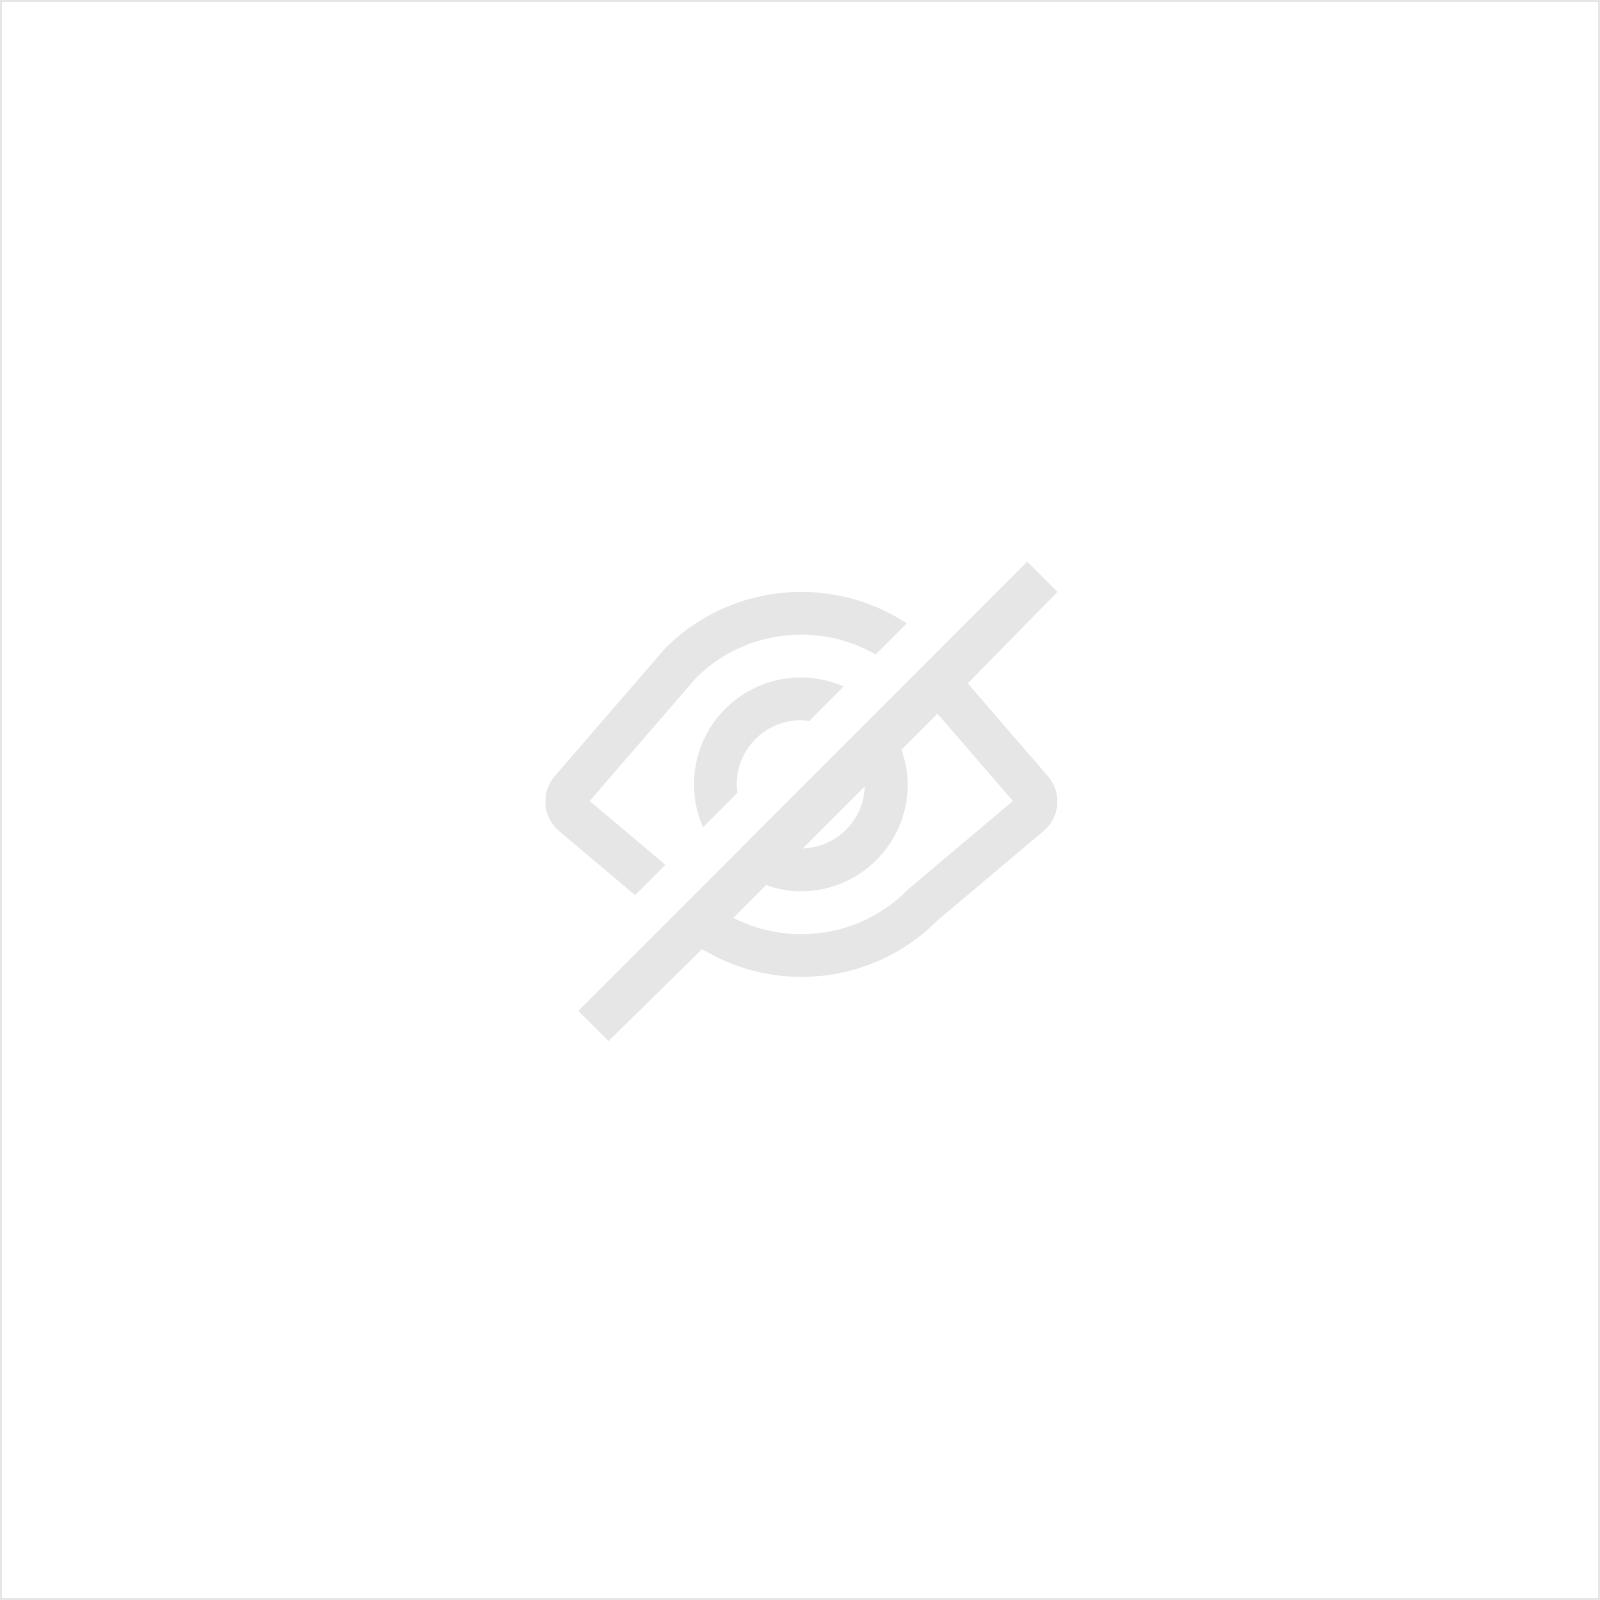 MOBIELE AUTOHEFBRUG MET ELEKTRISCH ONTGRENDELING CAPACITEIT 2,7 TON